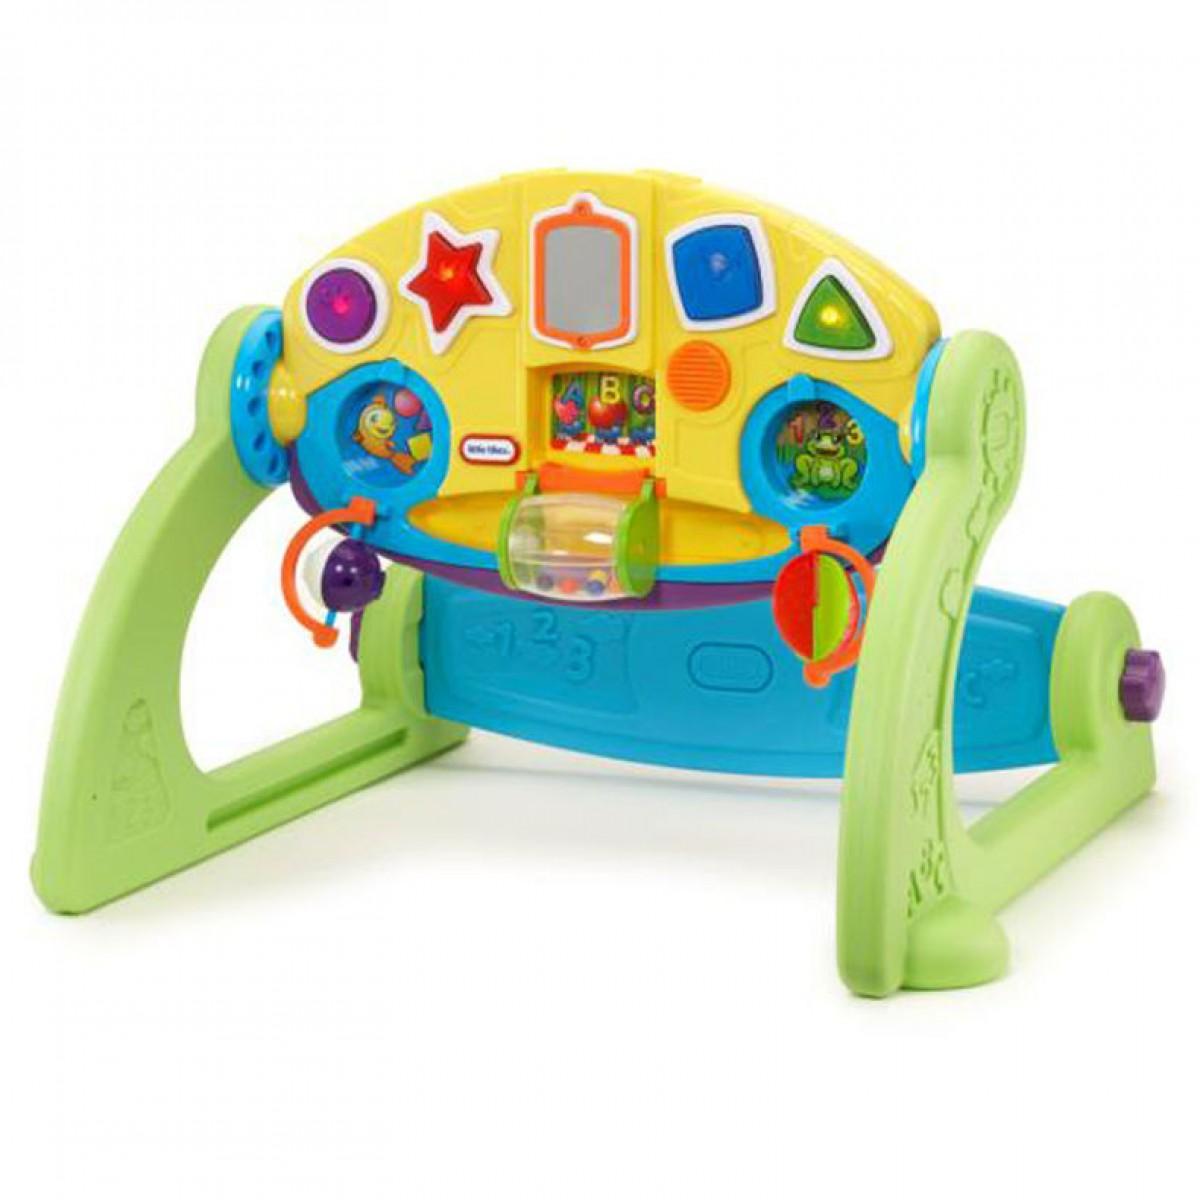 Регулируемый развивающий центрРазвивающие игрушки Little Tikes<br>Регулируемый развивающий центр<br>